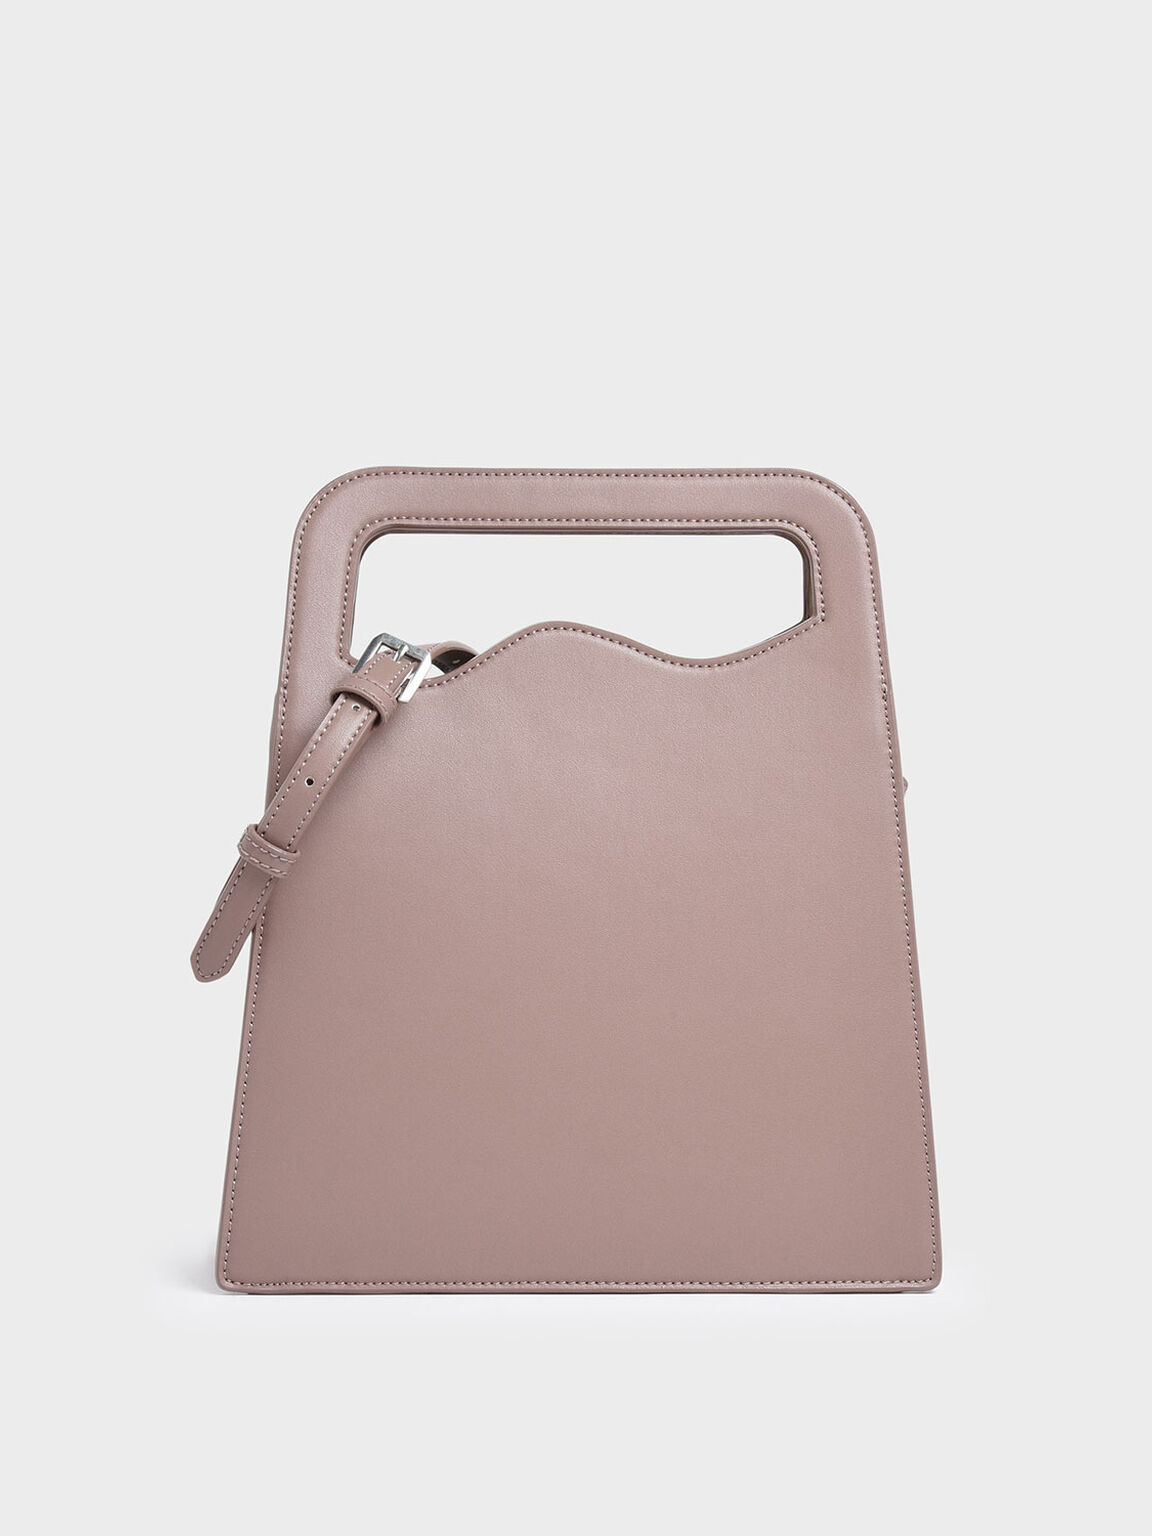 Asymmetric-Cut Top Handle Tote Bag, Pink, hi-res